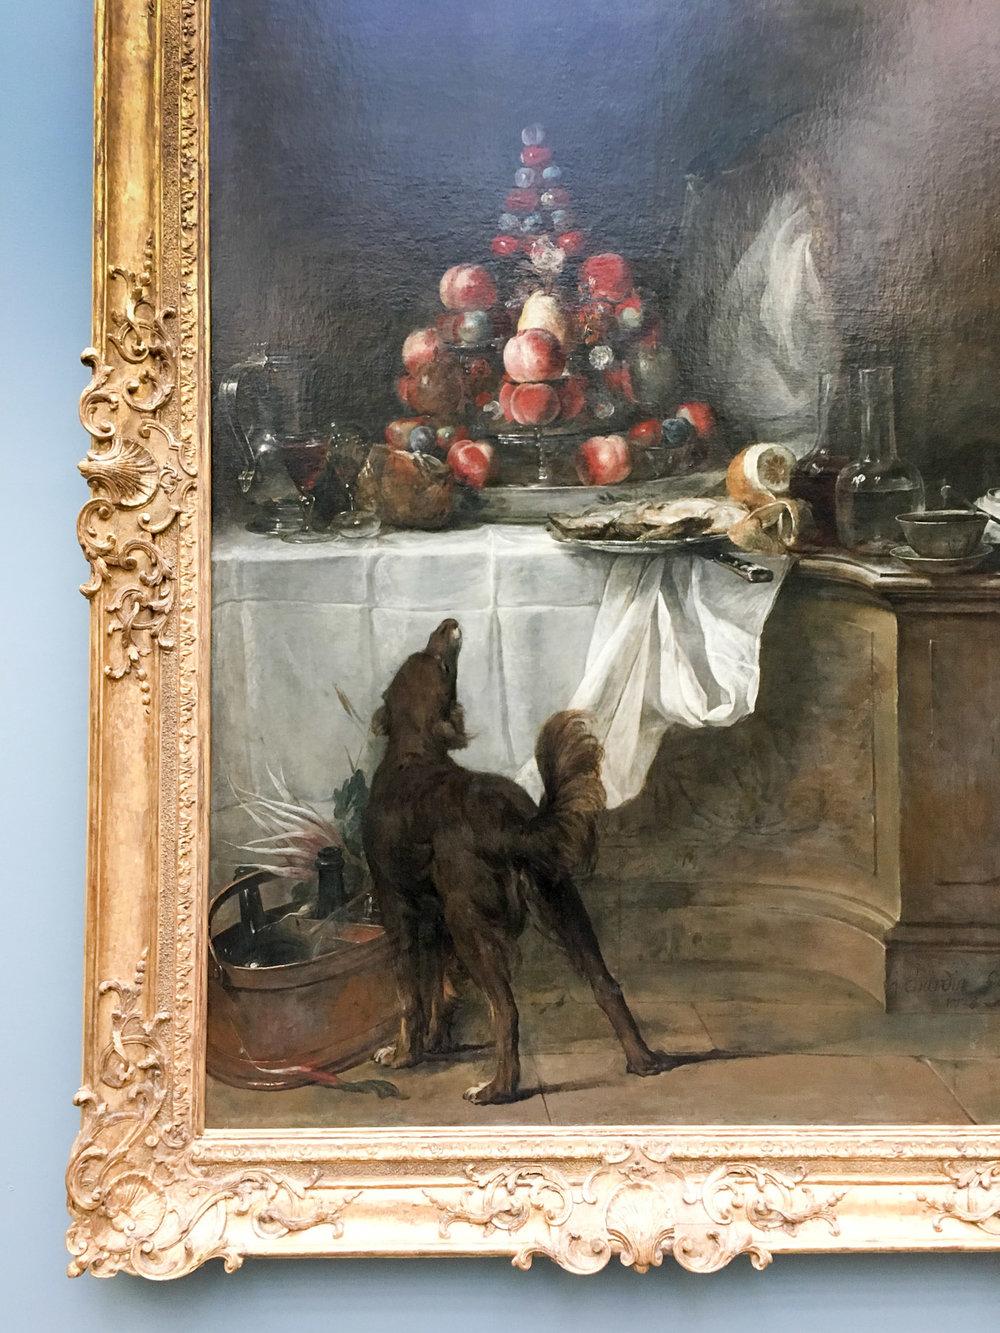 DAP - I like art with dogs - -8544.jpg